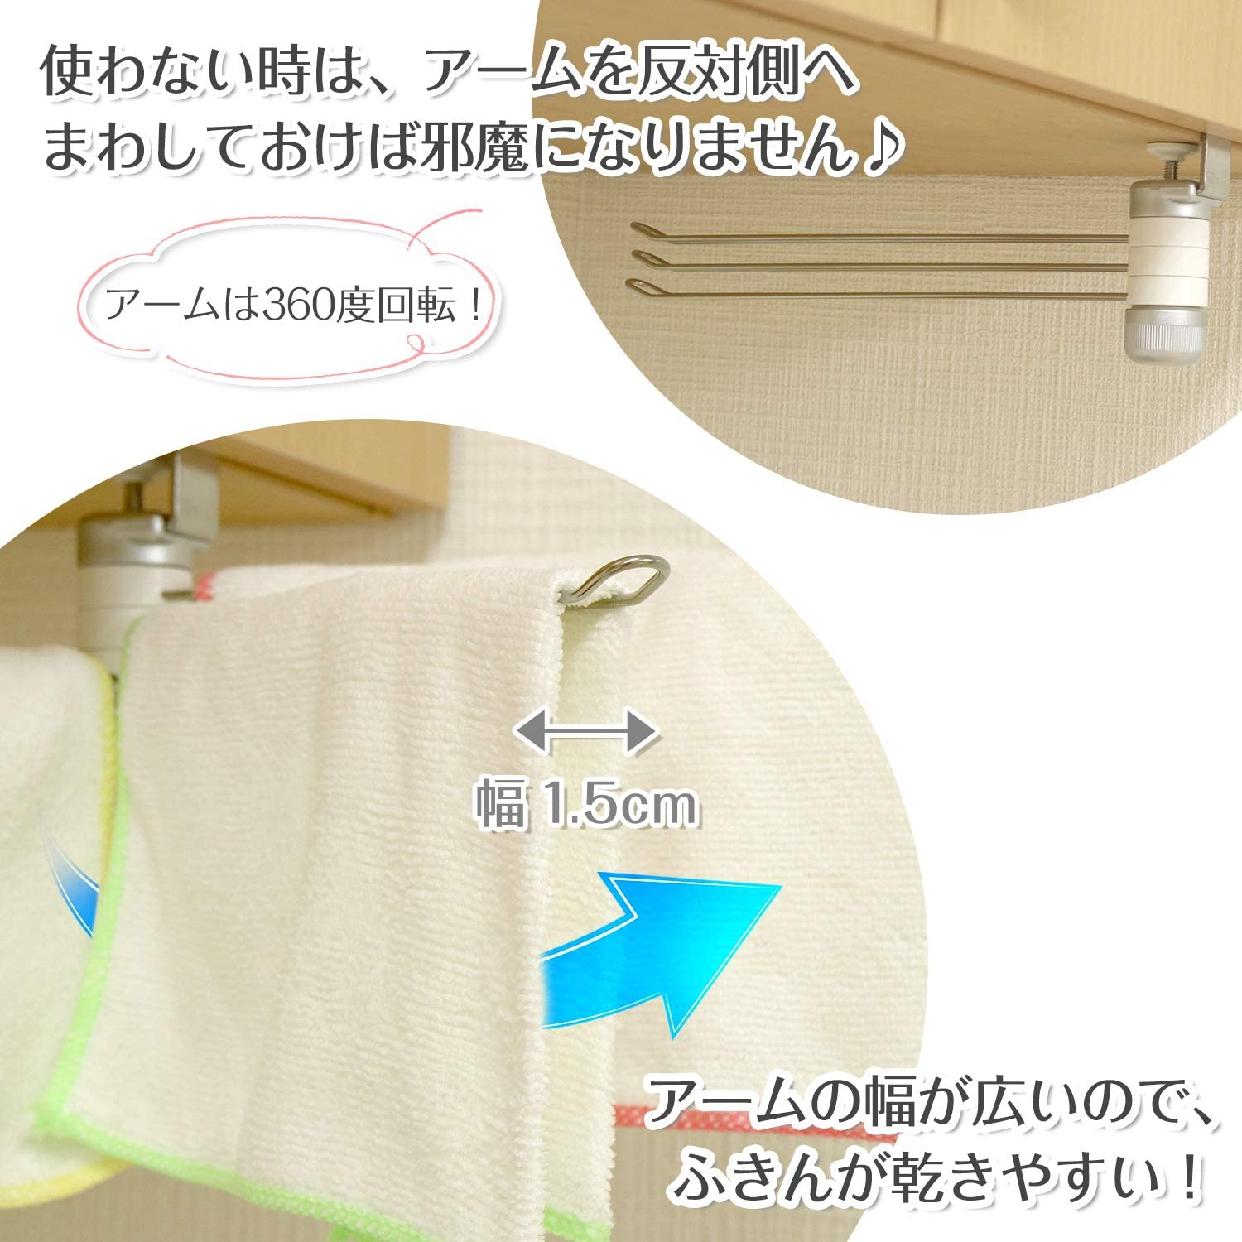 LEC(レック)あら便利 ステンレス ふきん掛け 吊戸棚用の商品画像3